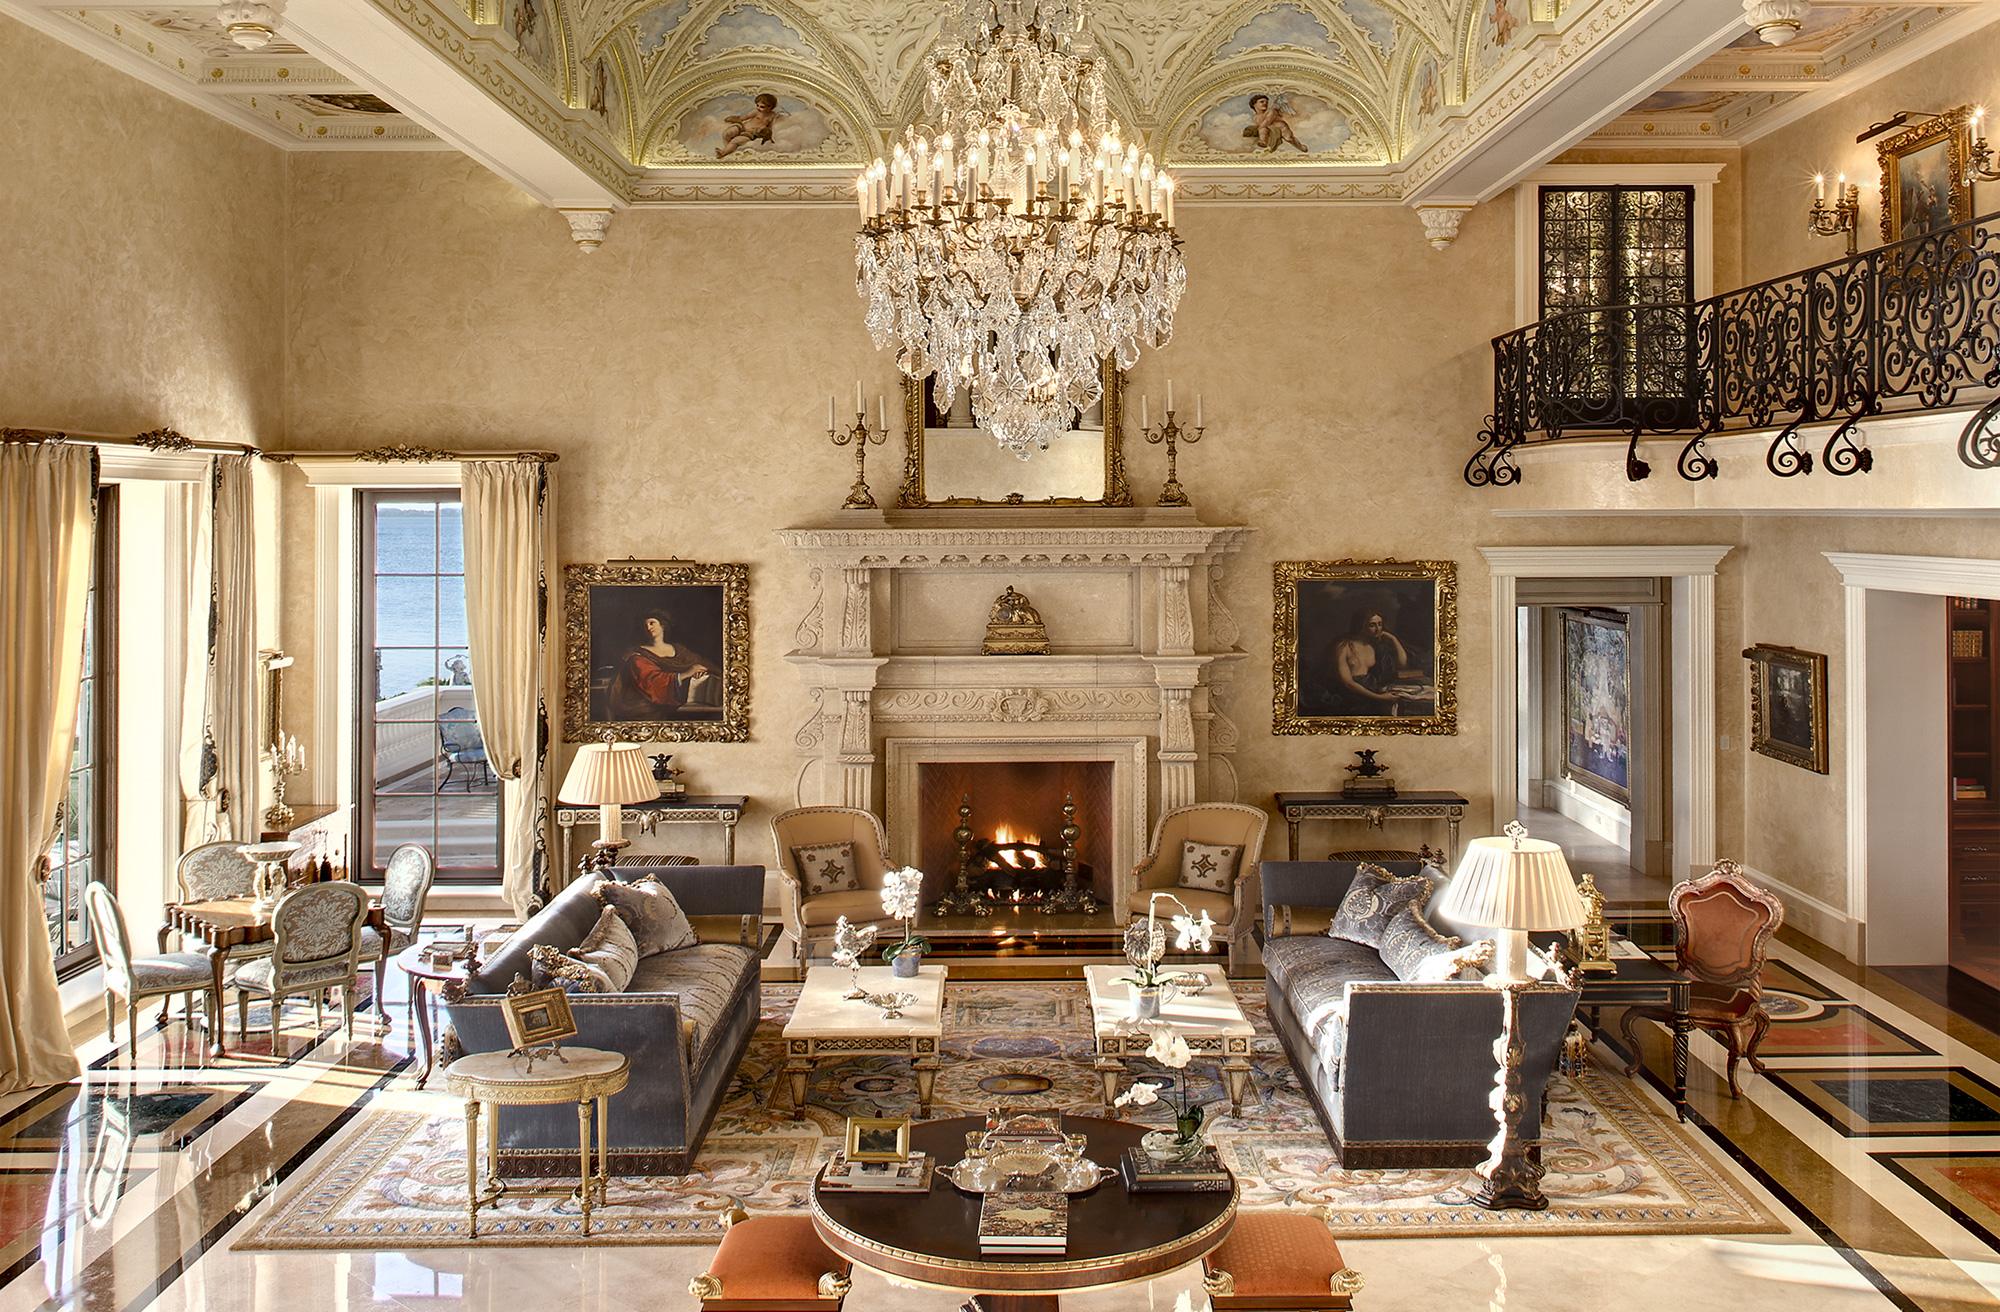 Phong cách Baroque trong thiết kế nội thất